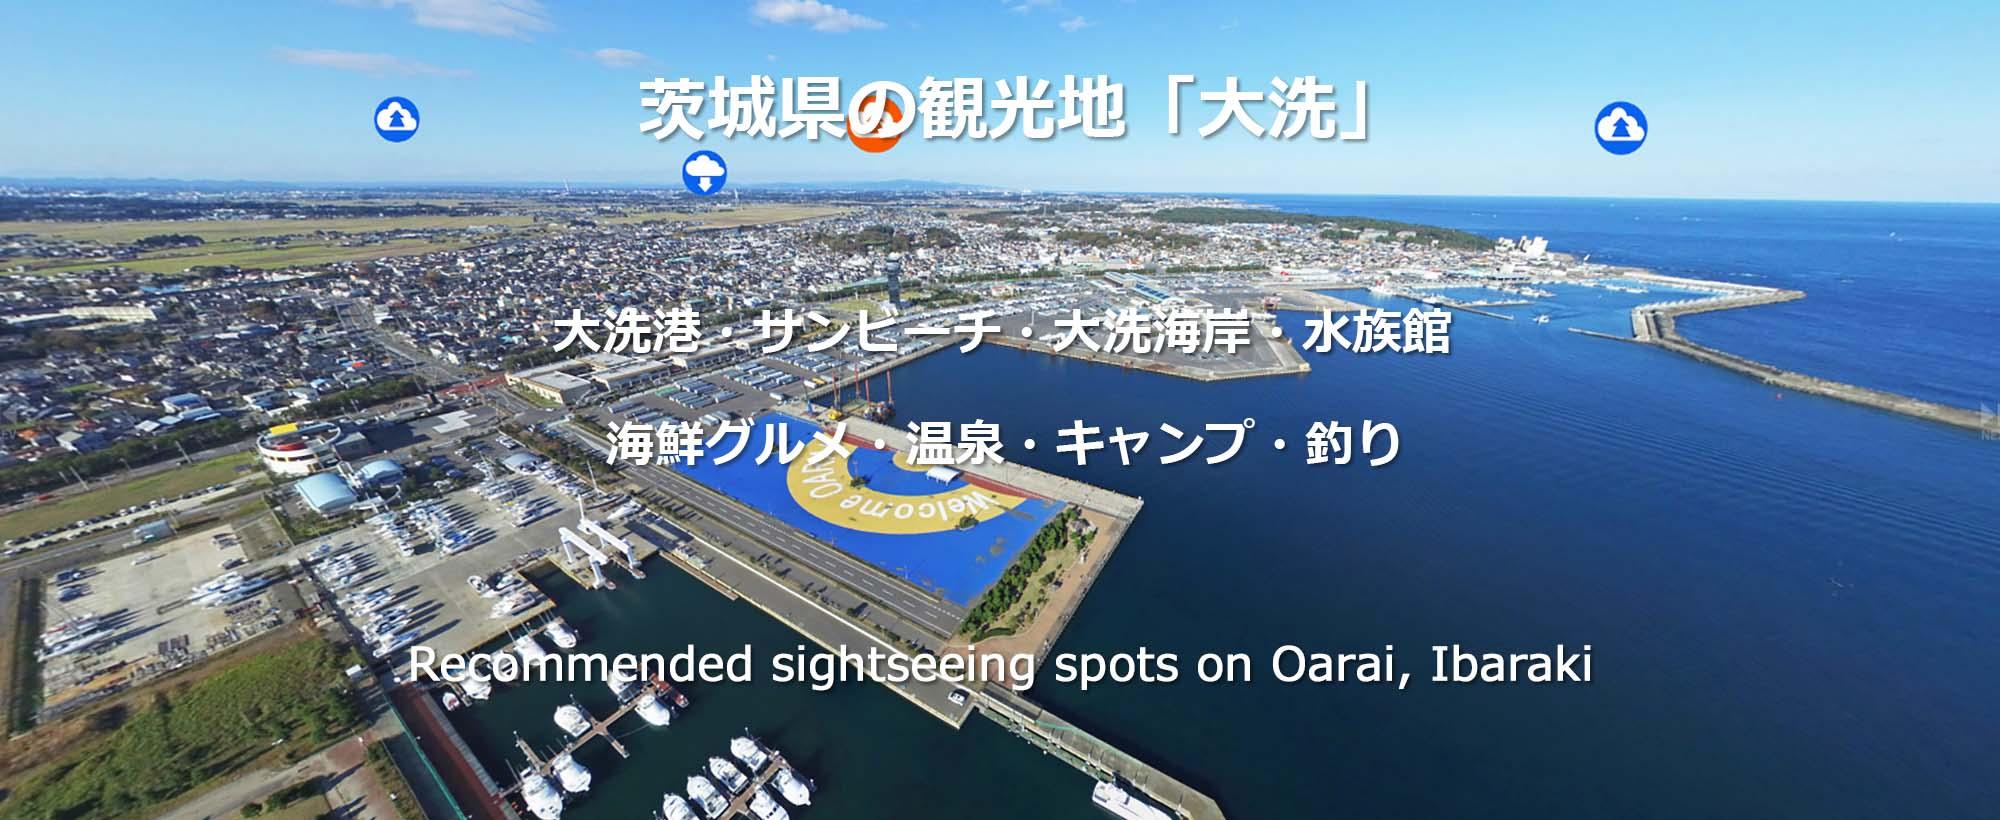 茨城県の観光名所の大洗360VRツアー